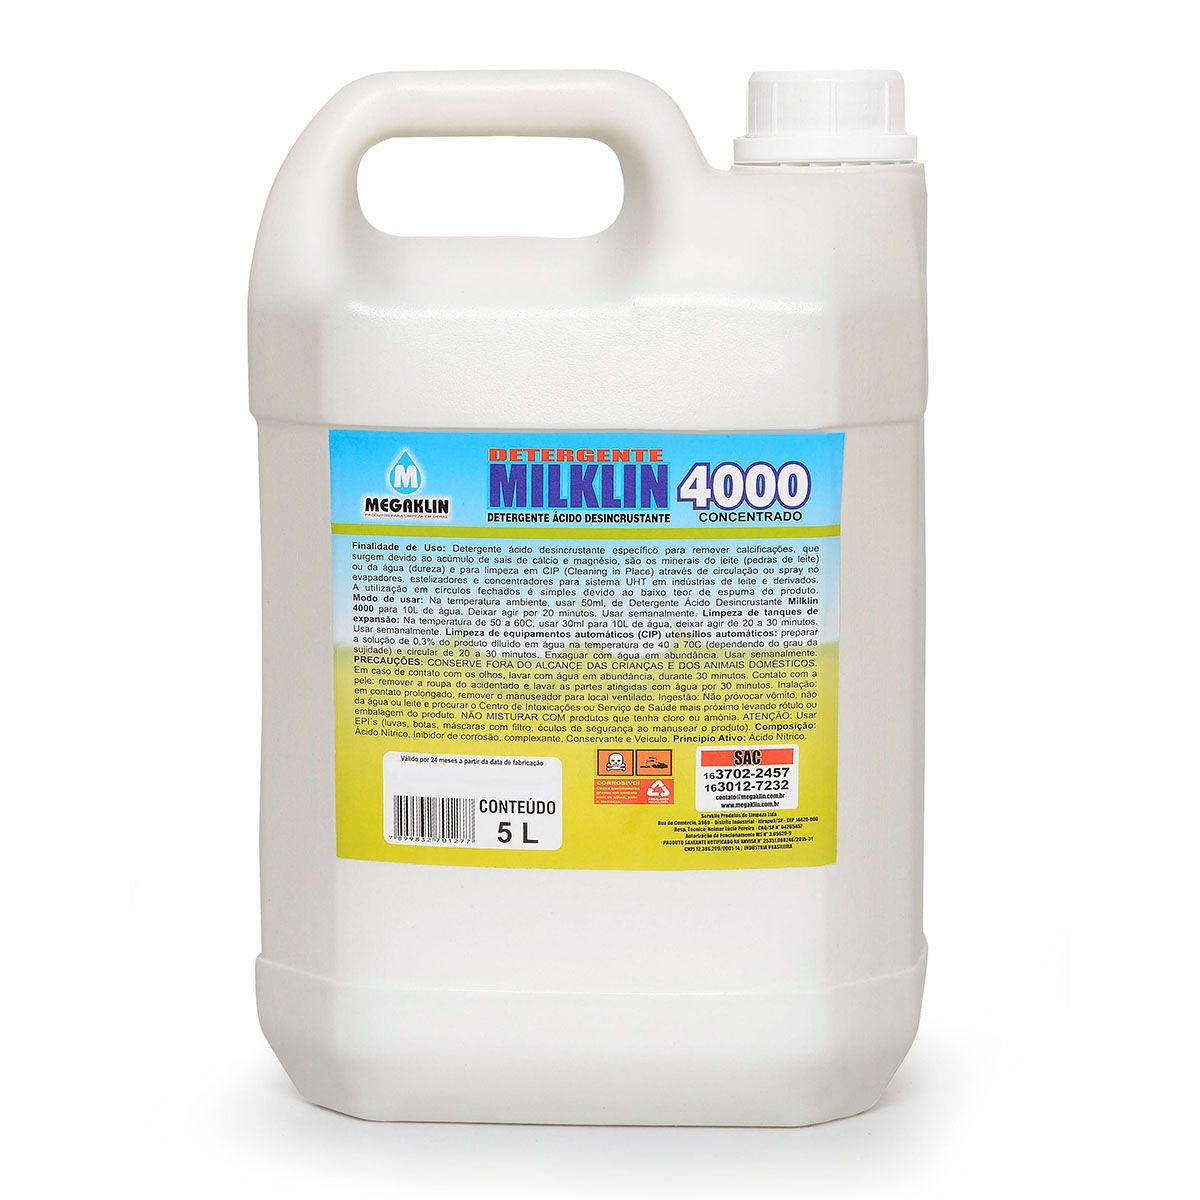 Detergente Ácido Desincrustante Concentrado Milklin 4000 Megaklin